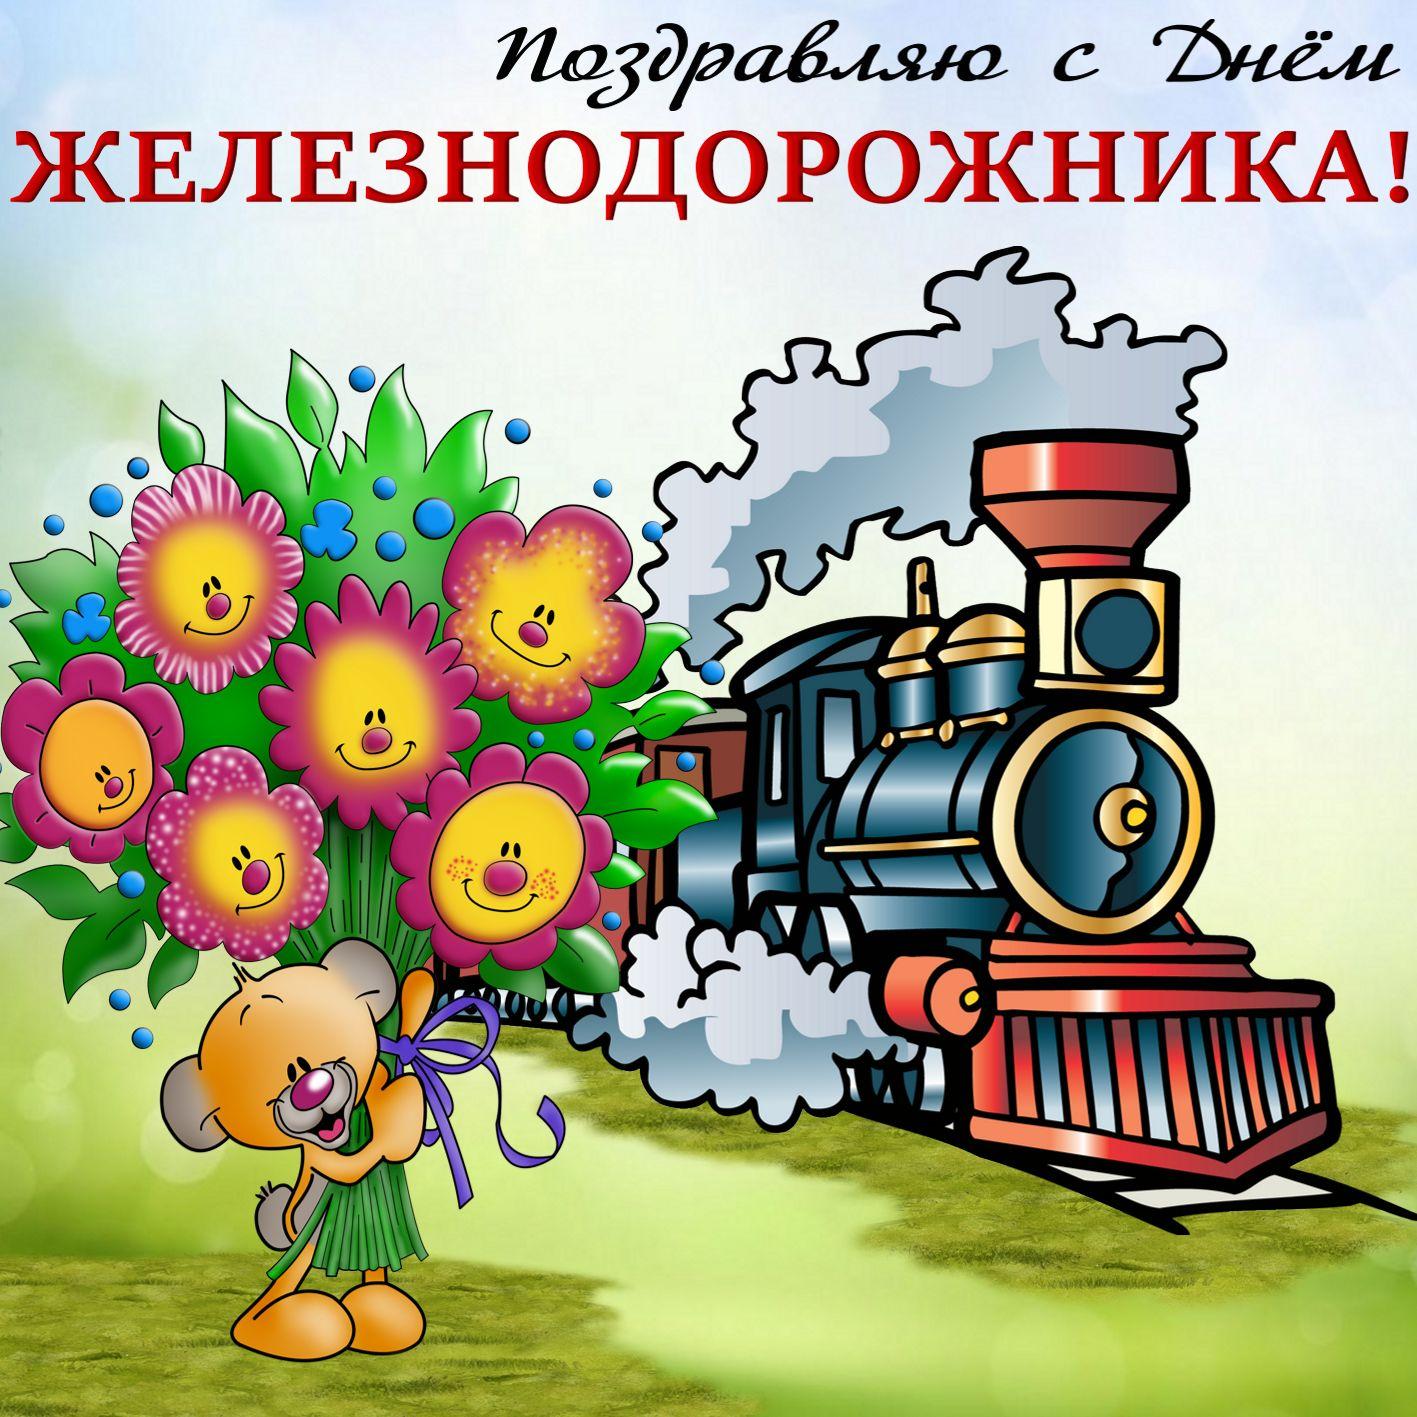 супер поздравление с днем железнодорожника либо форум